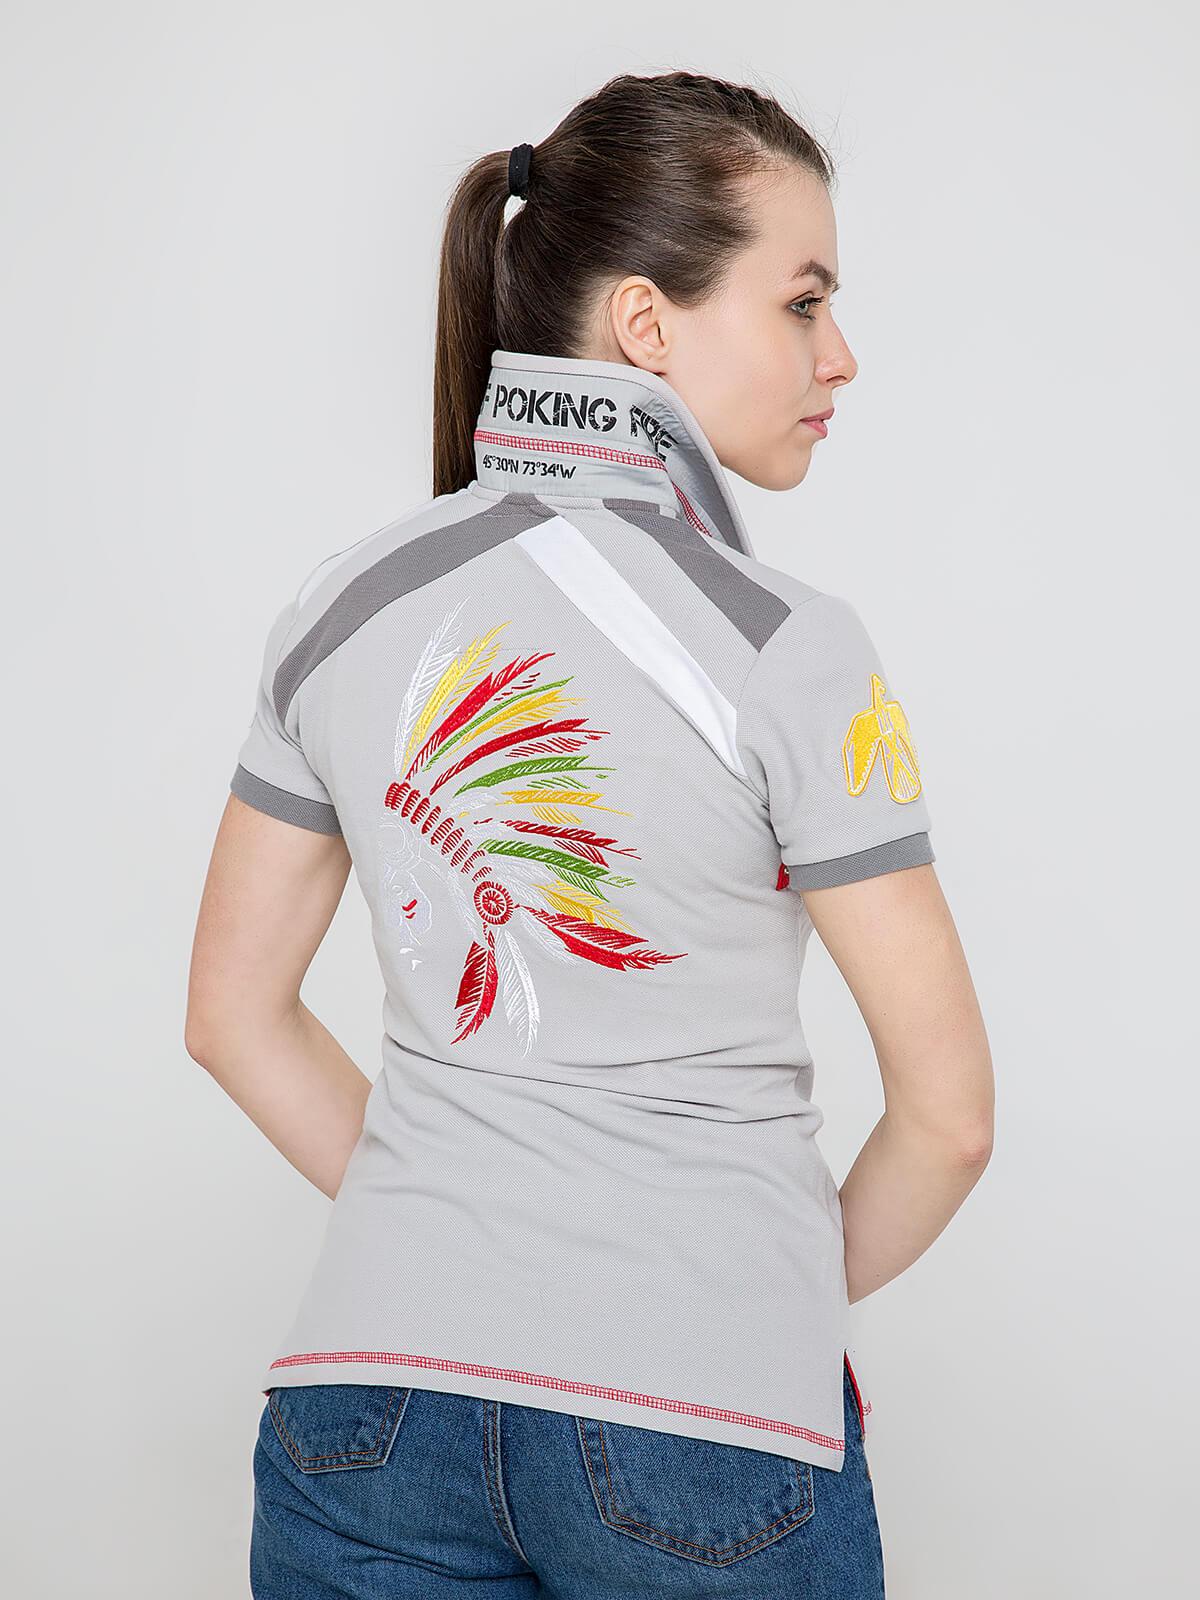 Жіноче Поло Індіанець. Колір сірий.  Технологія нанесення зображень: вишивка, шовкодрук, шеврони.